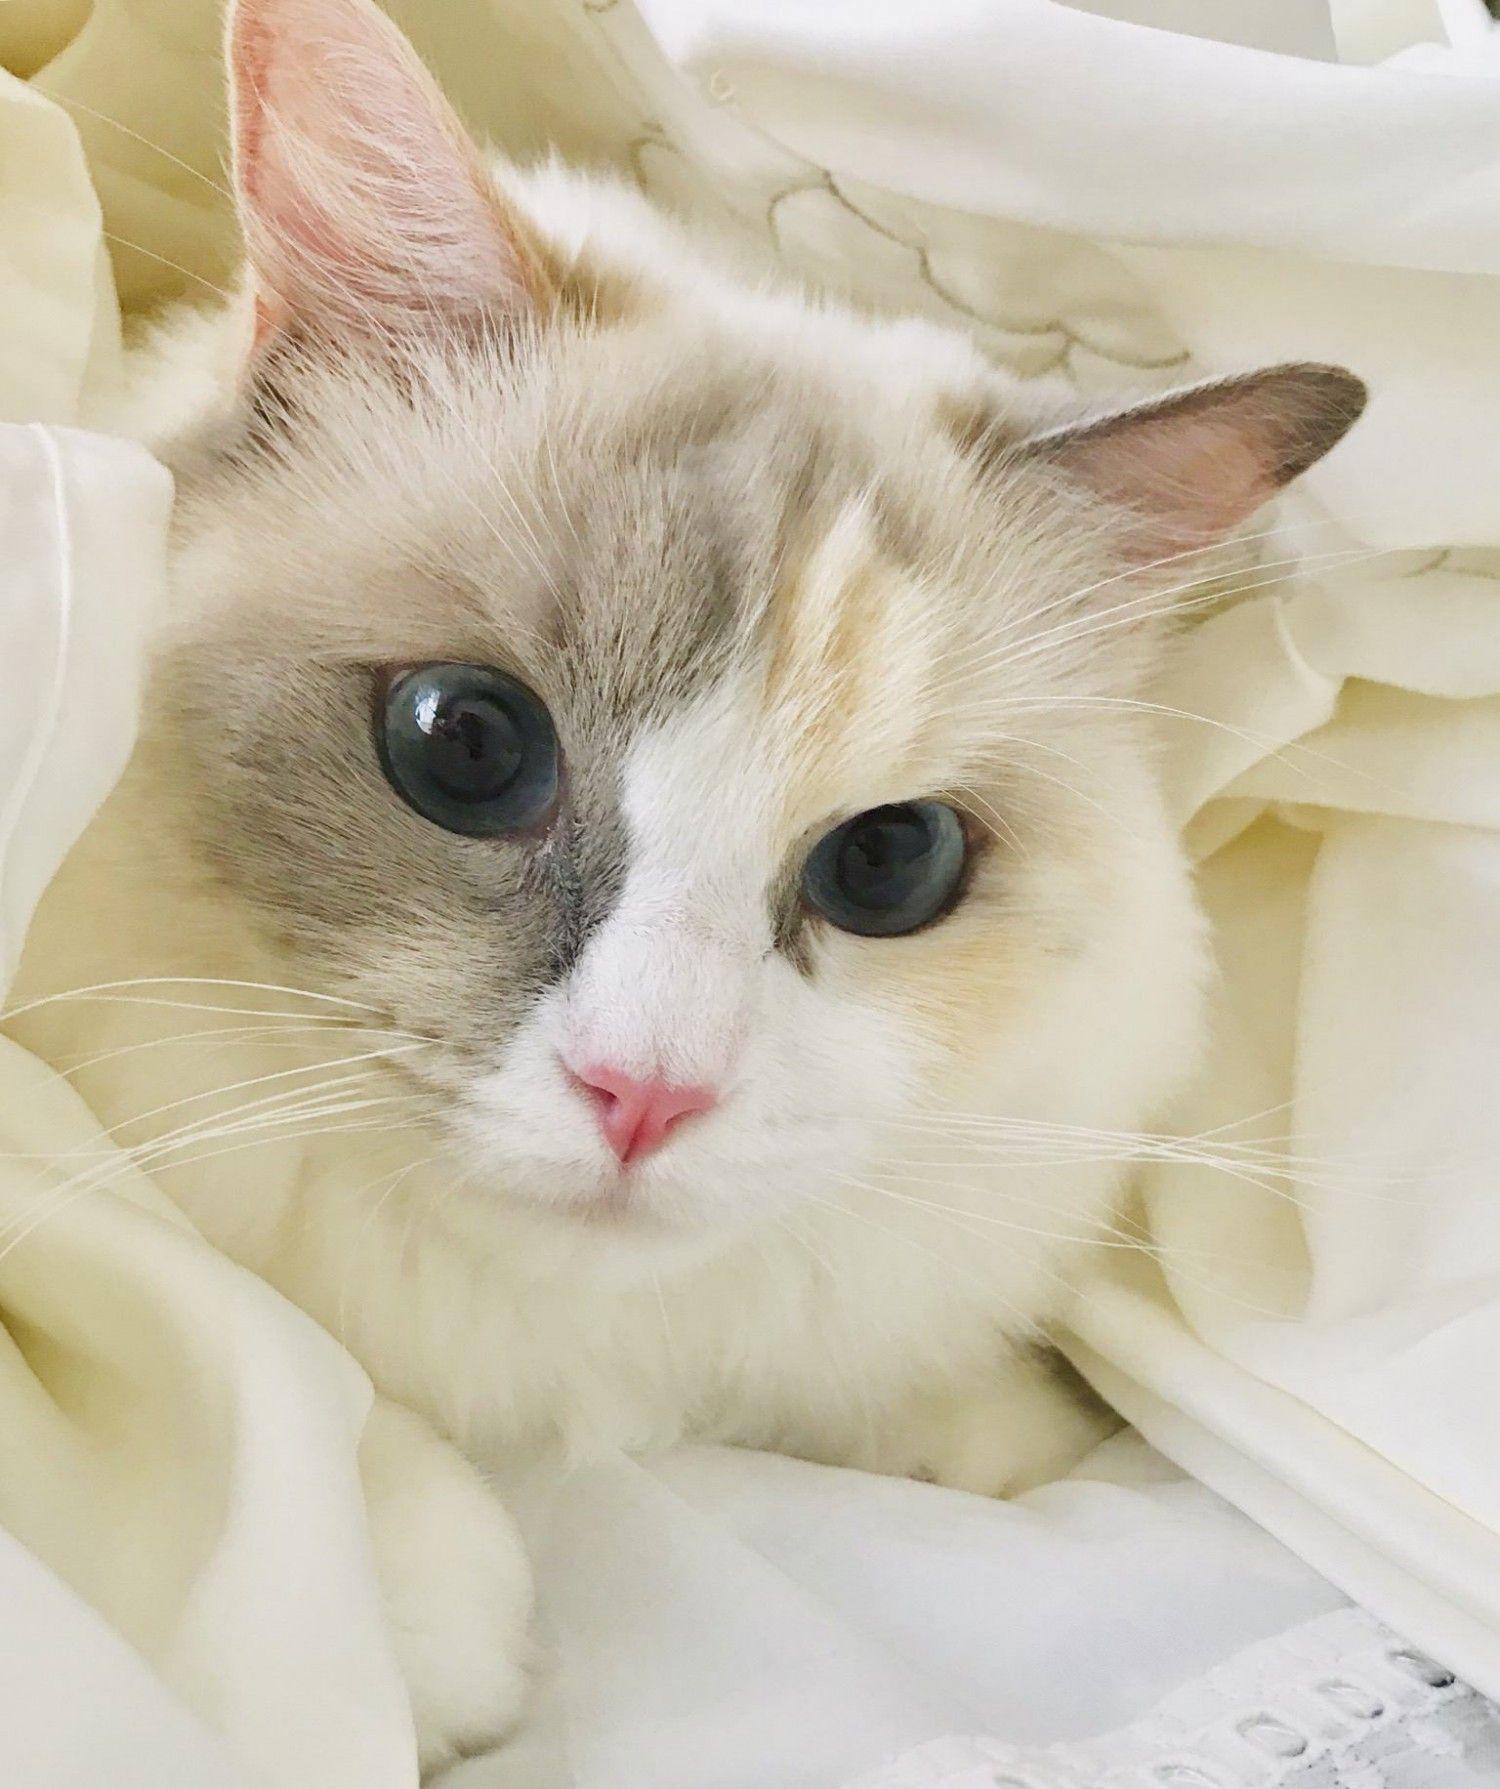 お布団の中から、ぴょこん♪  ------------------ 【今日のねこちゃん】より  投稿者: ラピまま ラピス♀ / 2歳 / ラグドール ------------------ #猫好きさんとつながりたい #猫 #ねこ #子猫 #ねこ部 #にゃんすたぐらむ #にゃんこ #にゃんだふるライフ #ふわもこ部 #ネコ #ねこのいる生活 #kitty #catstagram #catstagram_japan #petstagram #instacat #meow #catoftheday #ilovemycat